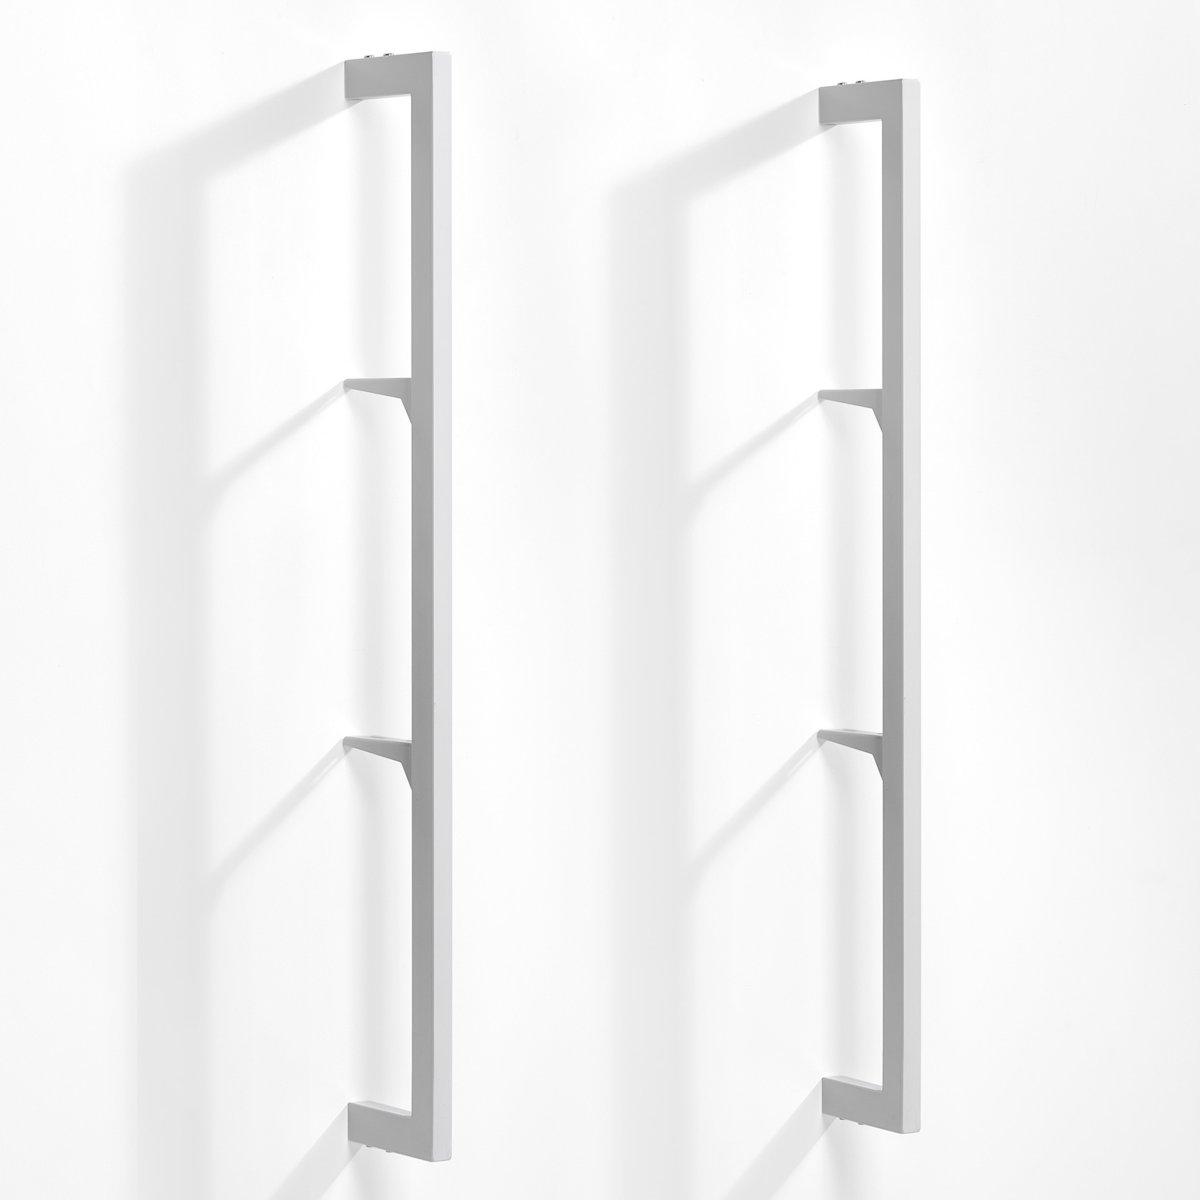 Комплект из 2 стоек Taktik для модулей храненияКомплект из 2 стоек Taktik. Комбинируйте модульные полки в стиле минимализм для организации пространства в соответствии с Вашими потребностями. Уголки позволяют отрегулировать высоту полок и ящиков по Вашему желанию. Описание: - Металл с эпоксидной отделкой. - Система верхних креплений (винты продаются отдельно). - Стойки, уголки, полки и ящики продаются отдельно.    Размеры:- Ш.2,5 x В.110 x Г.16 см.<br><br>Цвет: белый,черный<br>Размер: 60x16x110 см